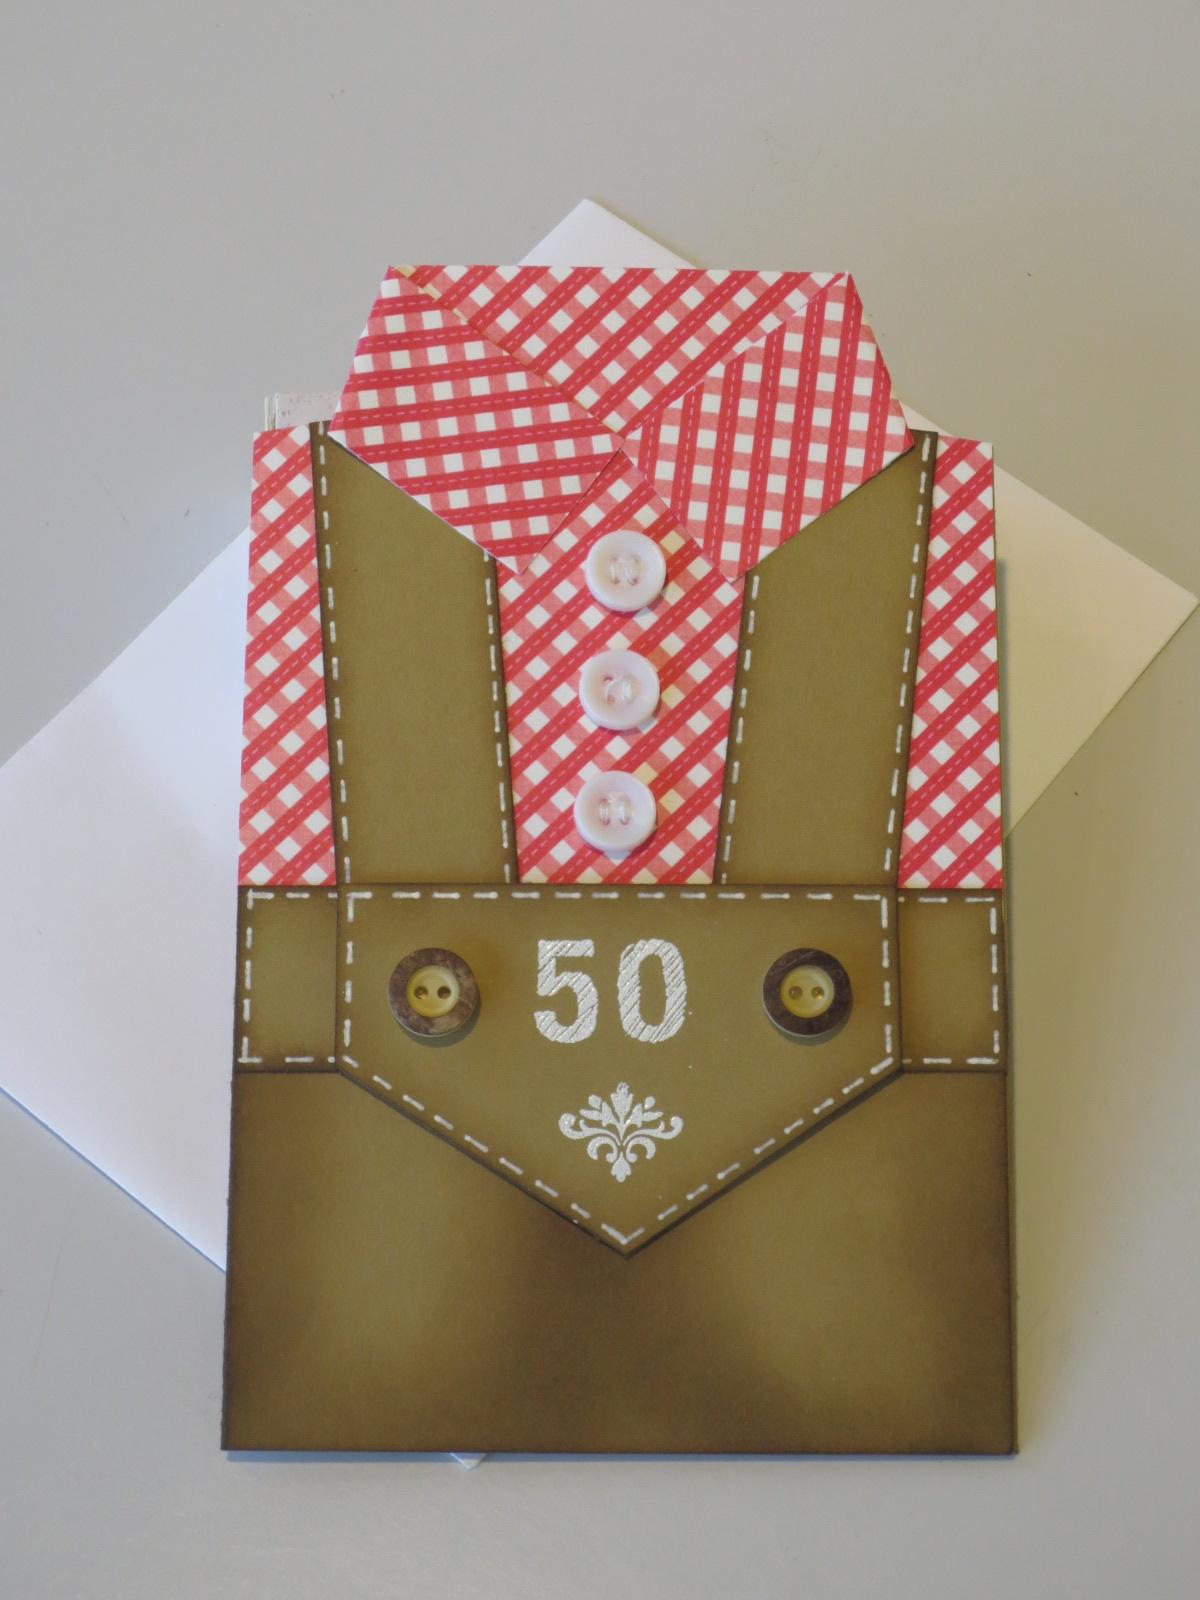 Stempelpf tchen lederhosen karte zum 50 igsten und die angebote der woche - Geburtstagskarte basteln mann ...